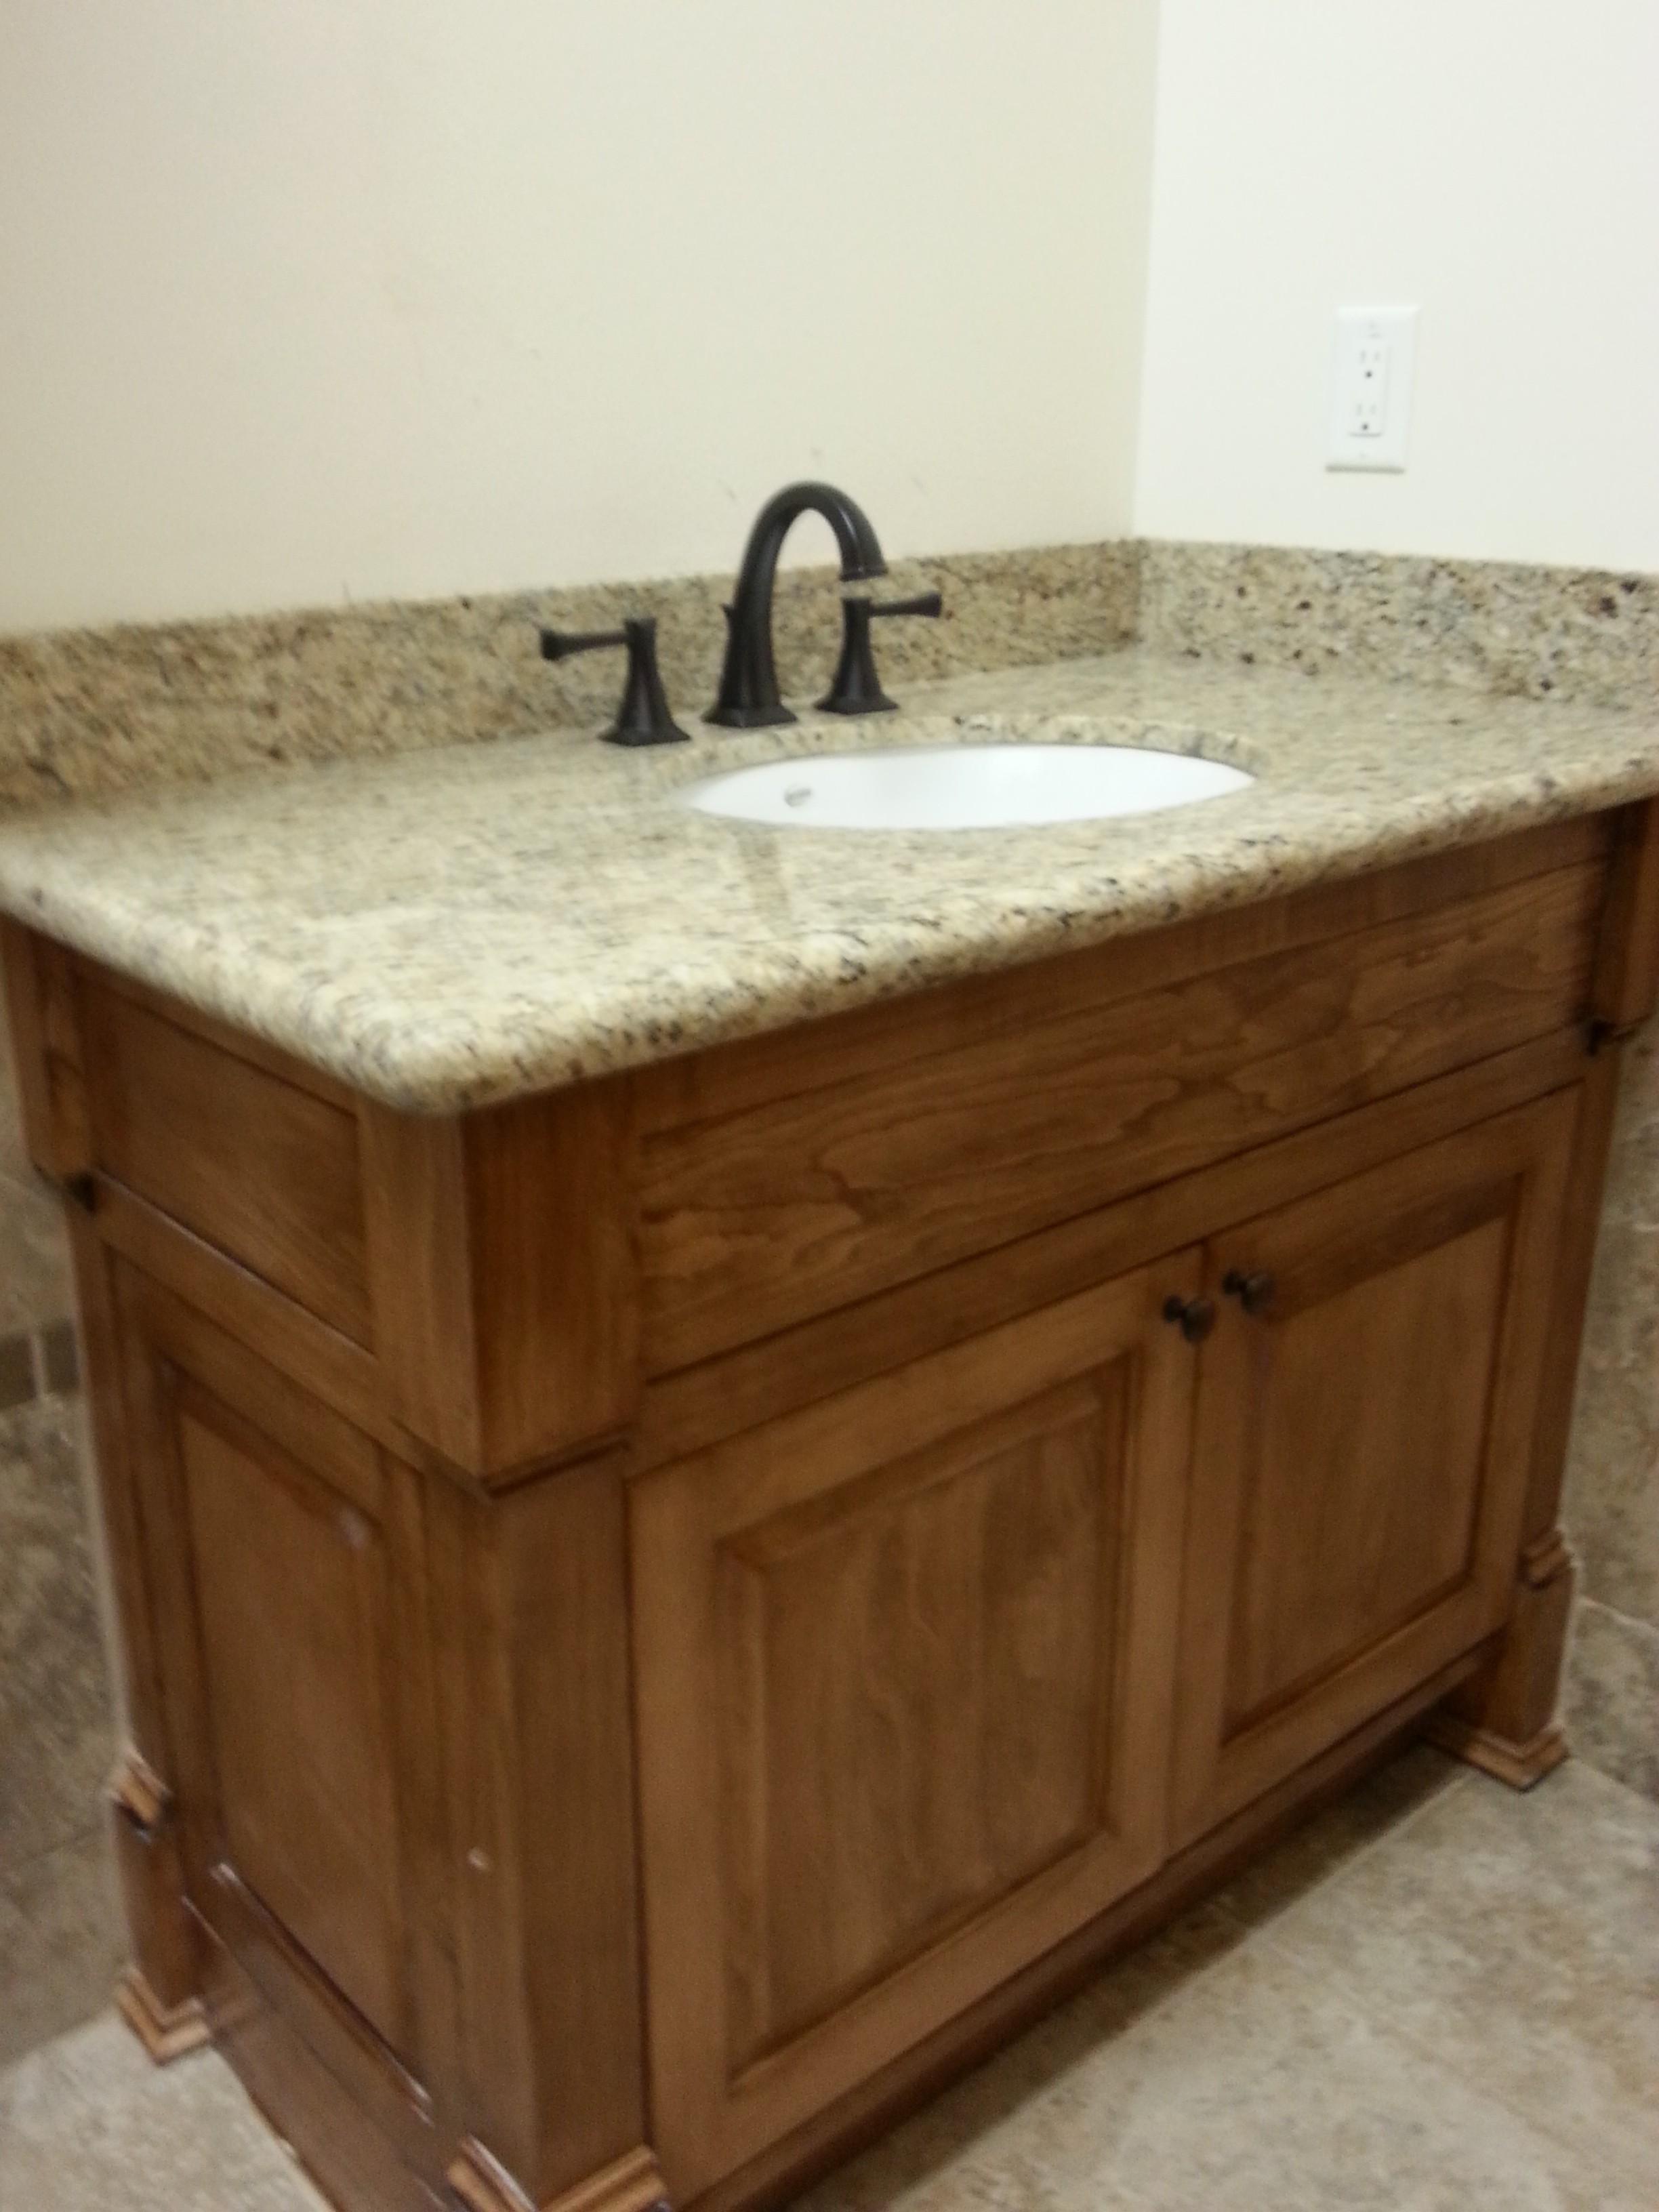 2100 Bathroom Vanity: Solid Wood Bathroom Vanity With Marble Countertop